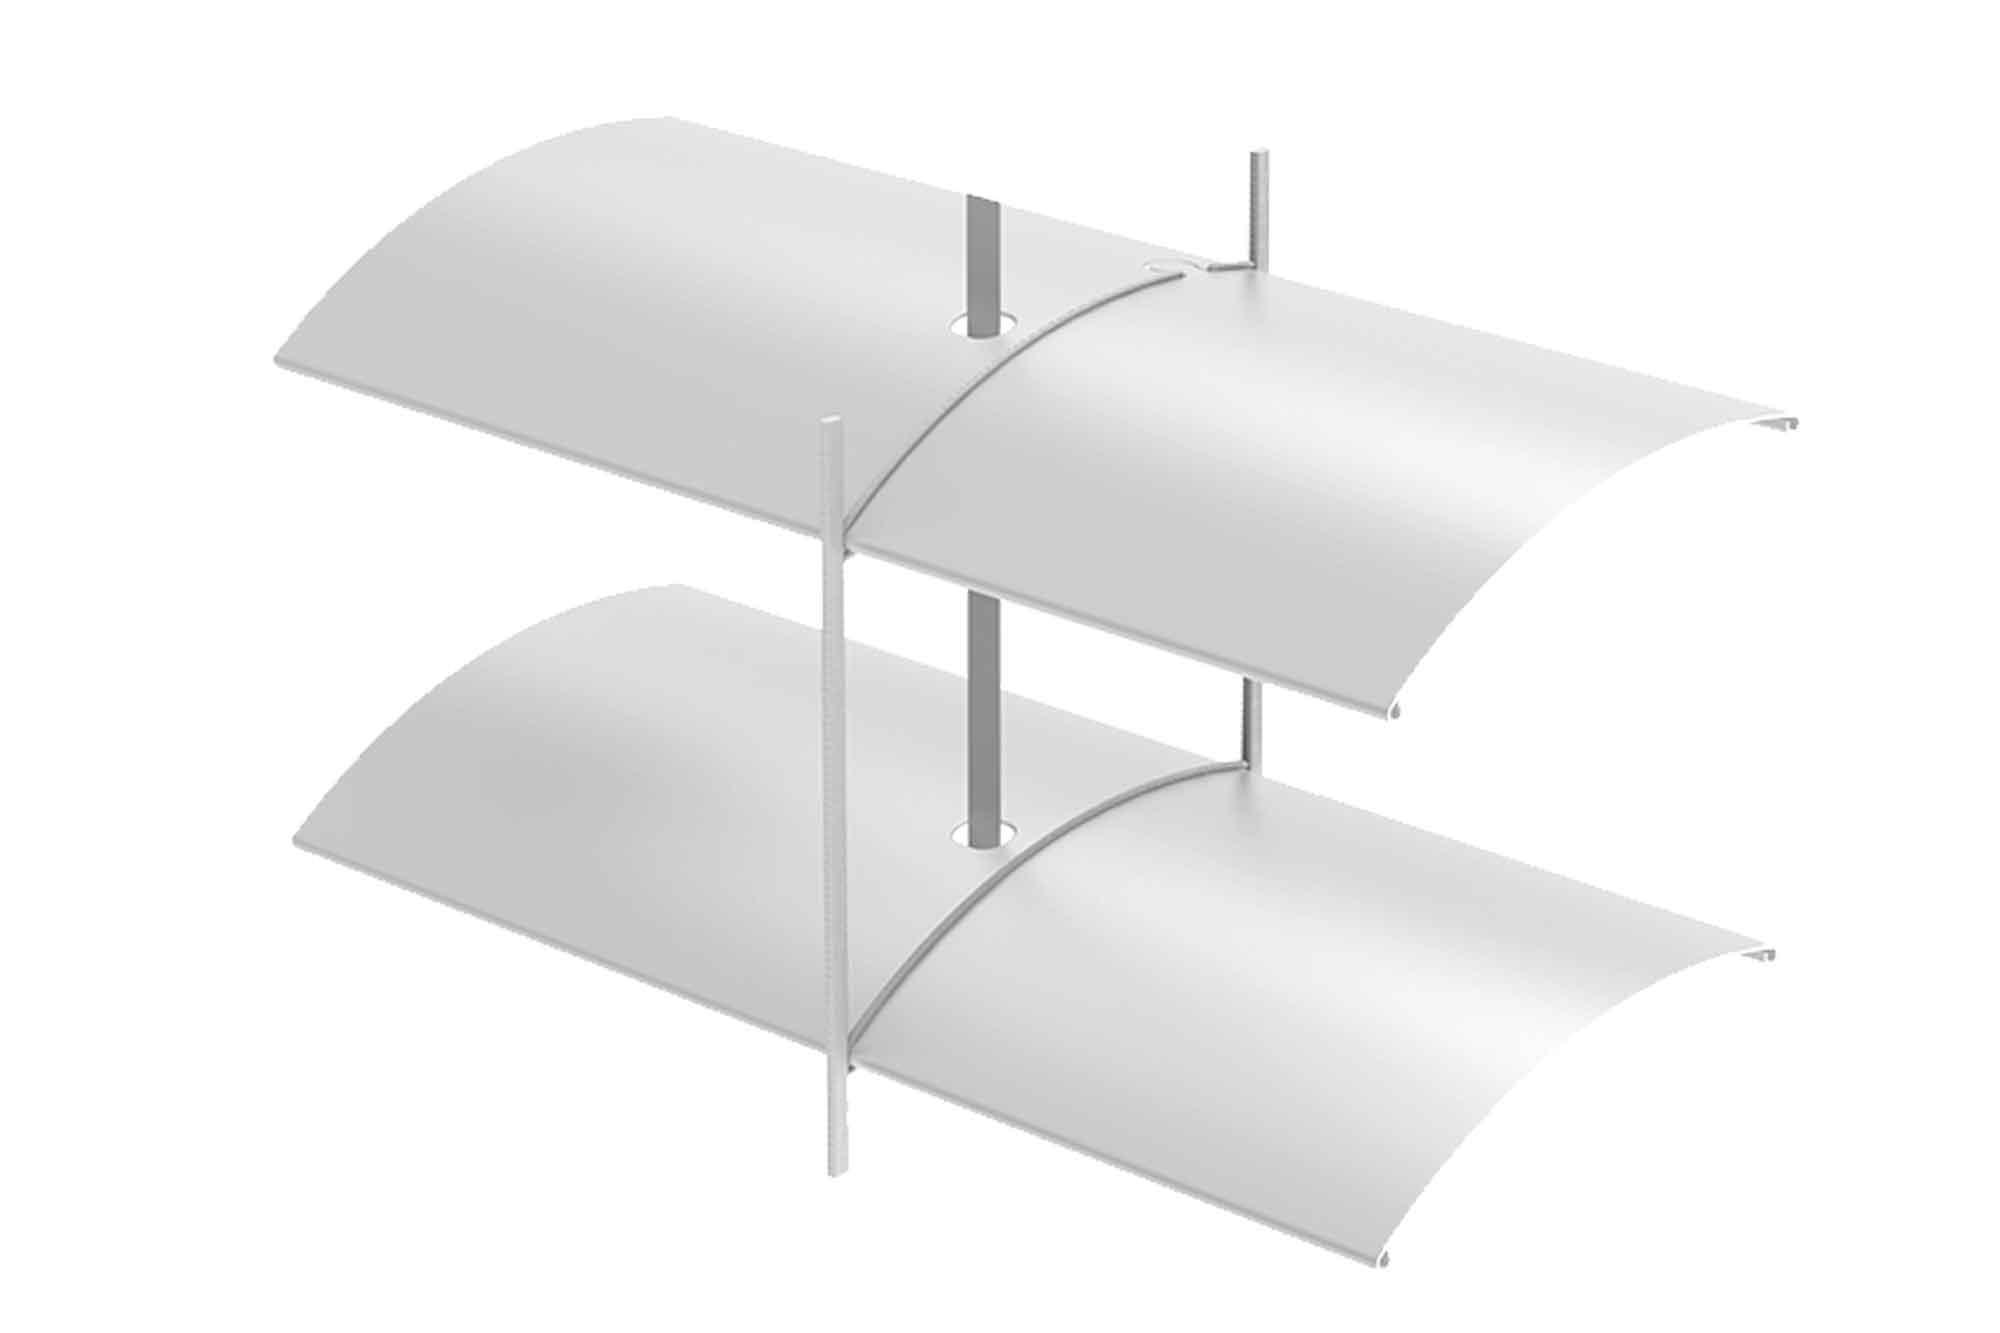 Connecting the slats, image: HELLA Sonnen- und Wetterschutztechnik GmbH